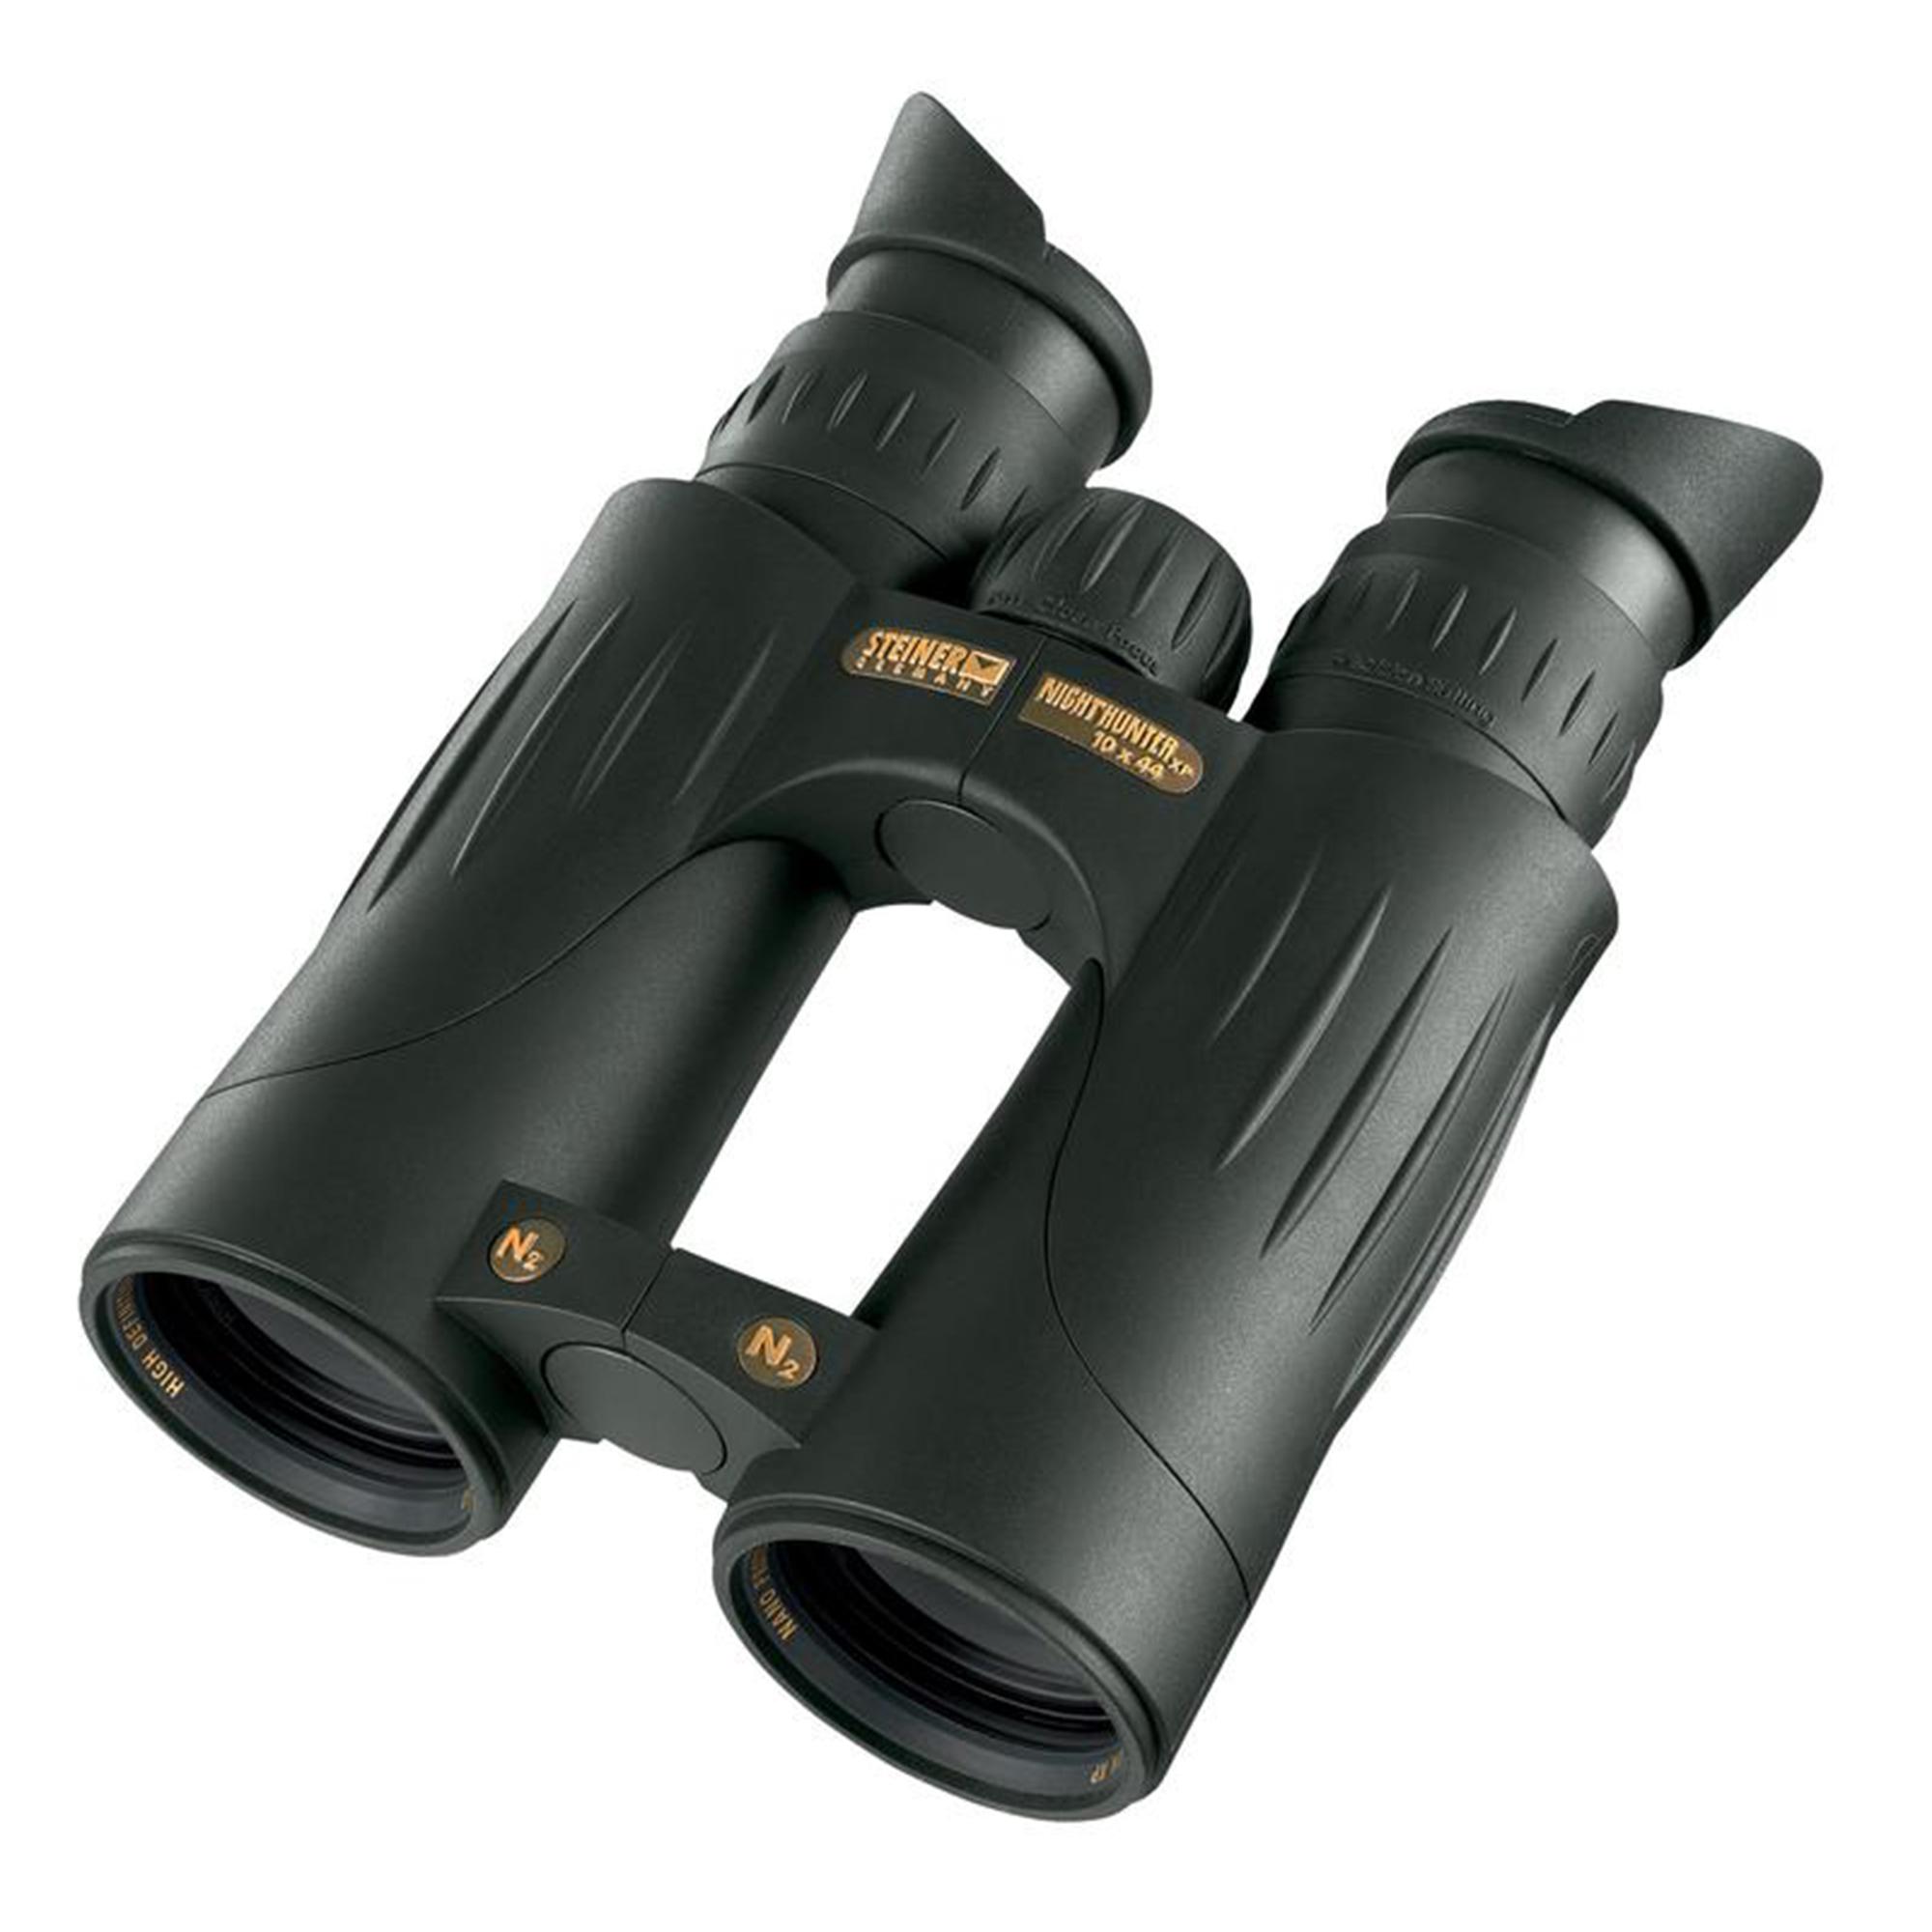 Steiner Nighthunter XP 10x44 Binocular